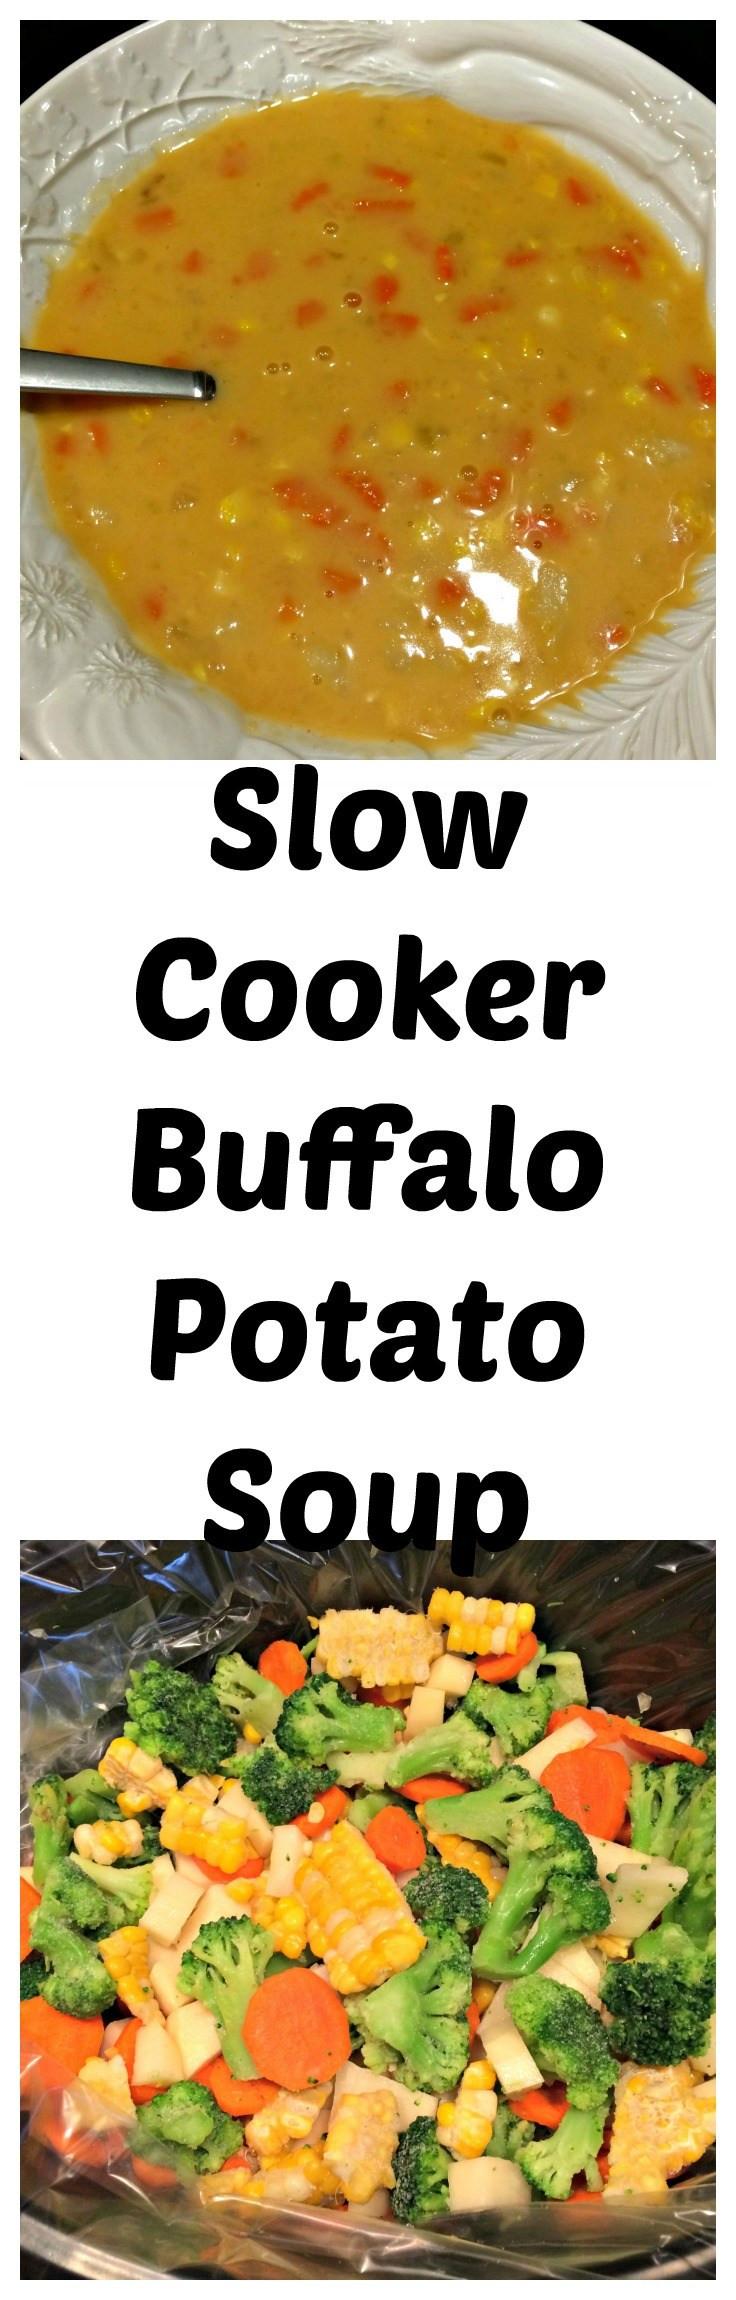 Slow Cooker Vegetarian Potato Soup  Slow Cooker Ve arian Buffalo Potato Soup Sweet Mornings